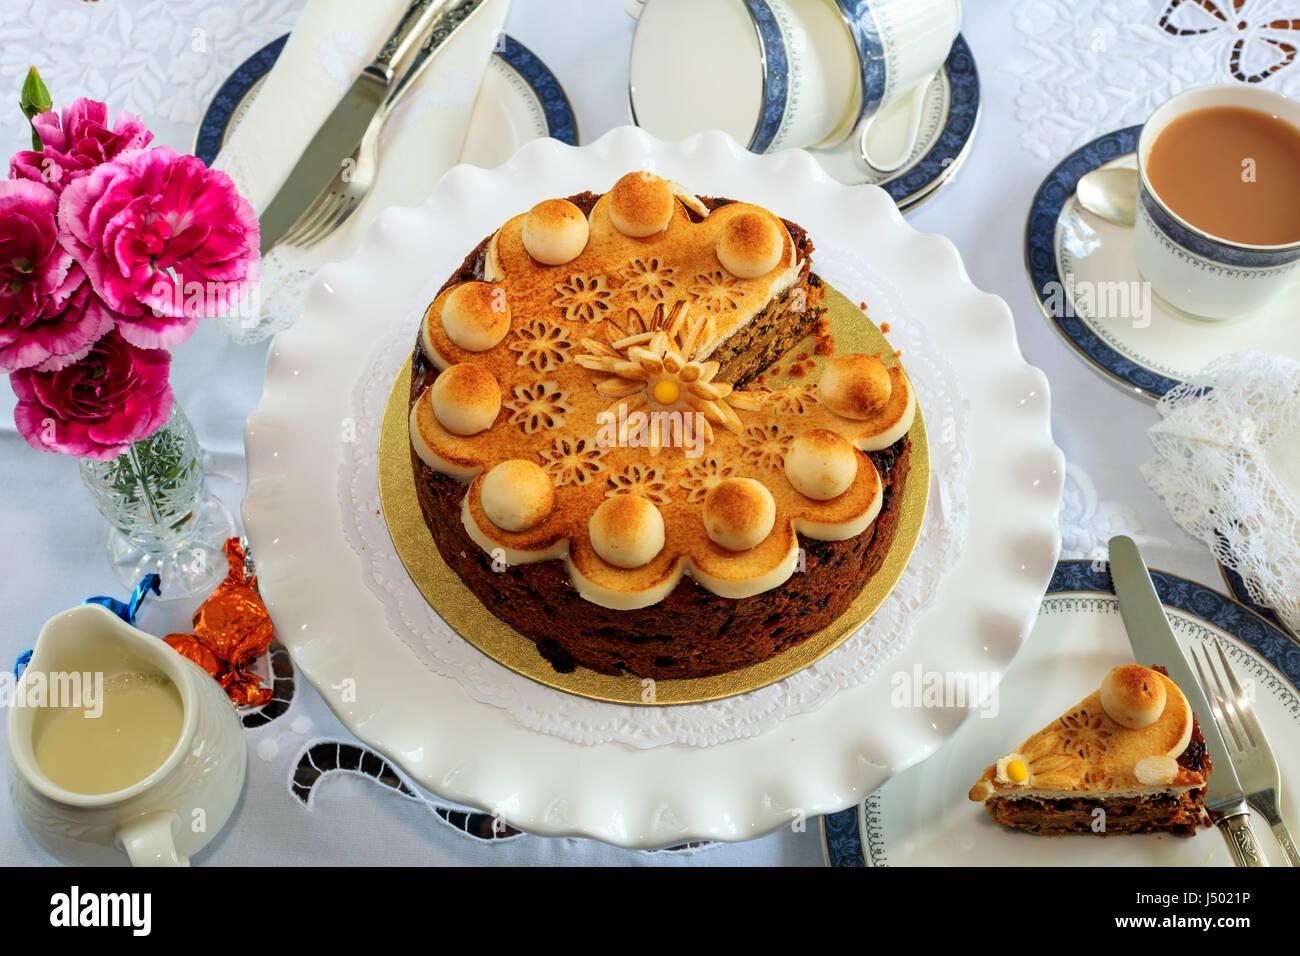 Simnel cake - gâteau aux fruits traditionnel de Pâques décorés de massepain sur un set de table Photo Stock